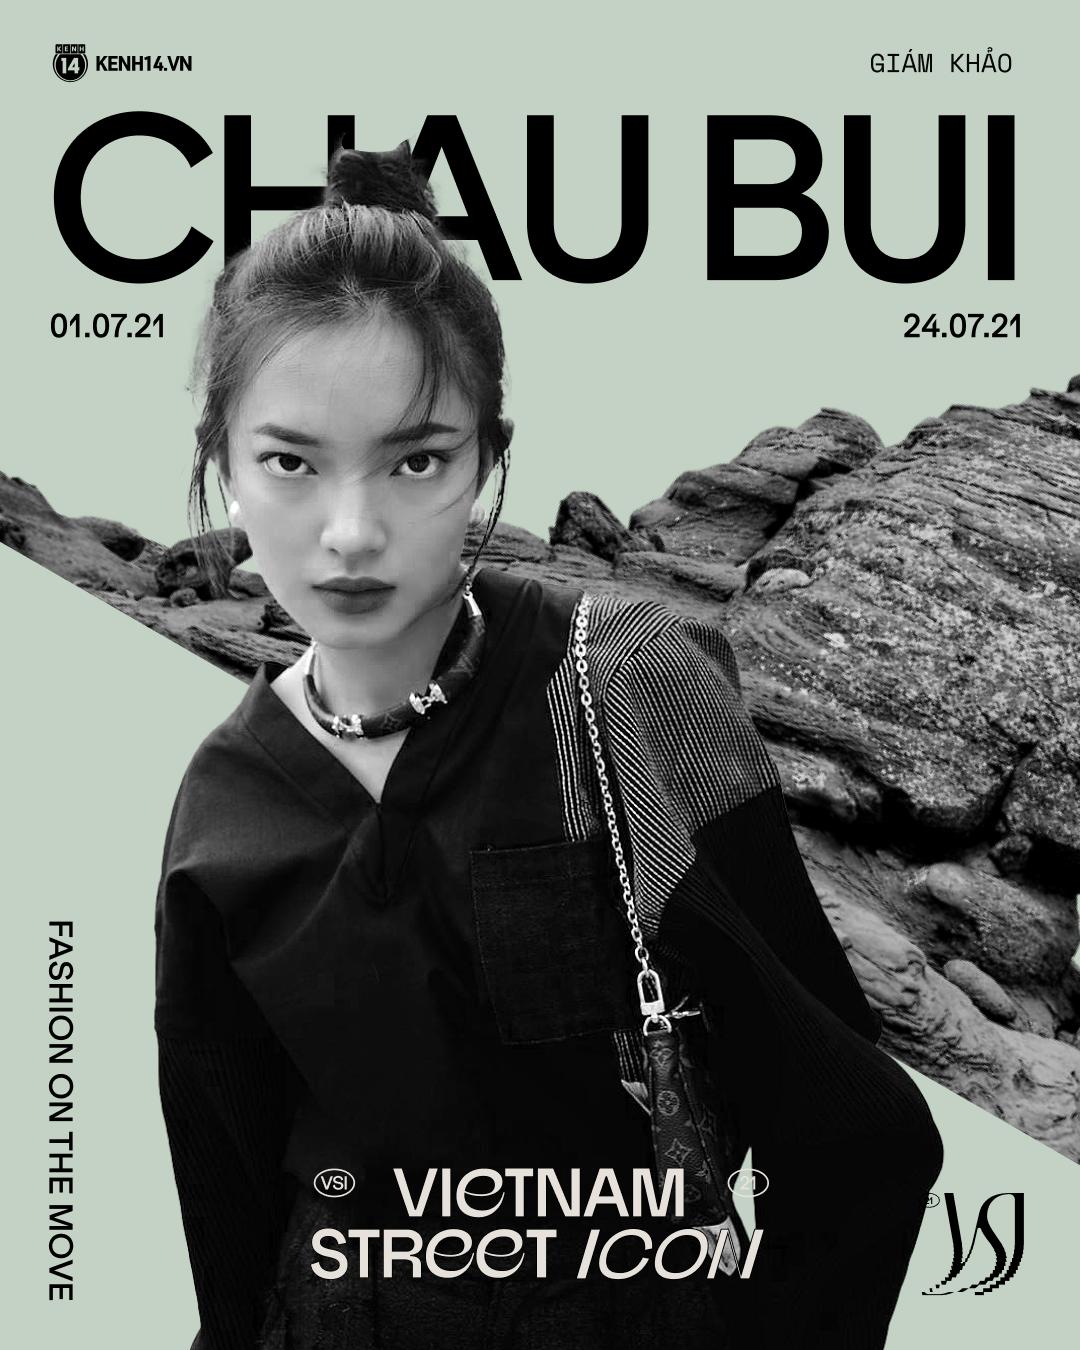 Hé lộ BGK của Vietnam Street Icon: Bên cạnh Châu Bùi và Thiên Minh còn là 1 chủ shop local brand khét lẹt đất Hà thành - Ảnh 1.